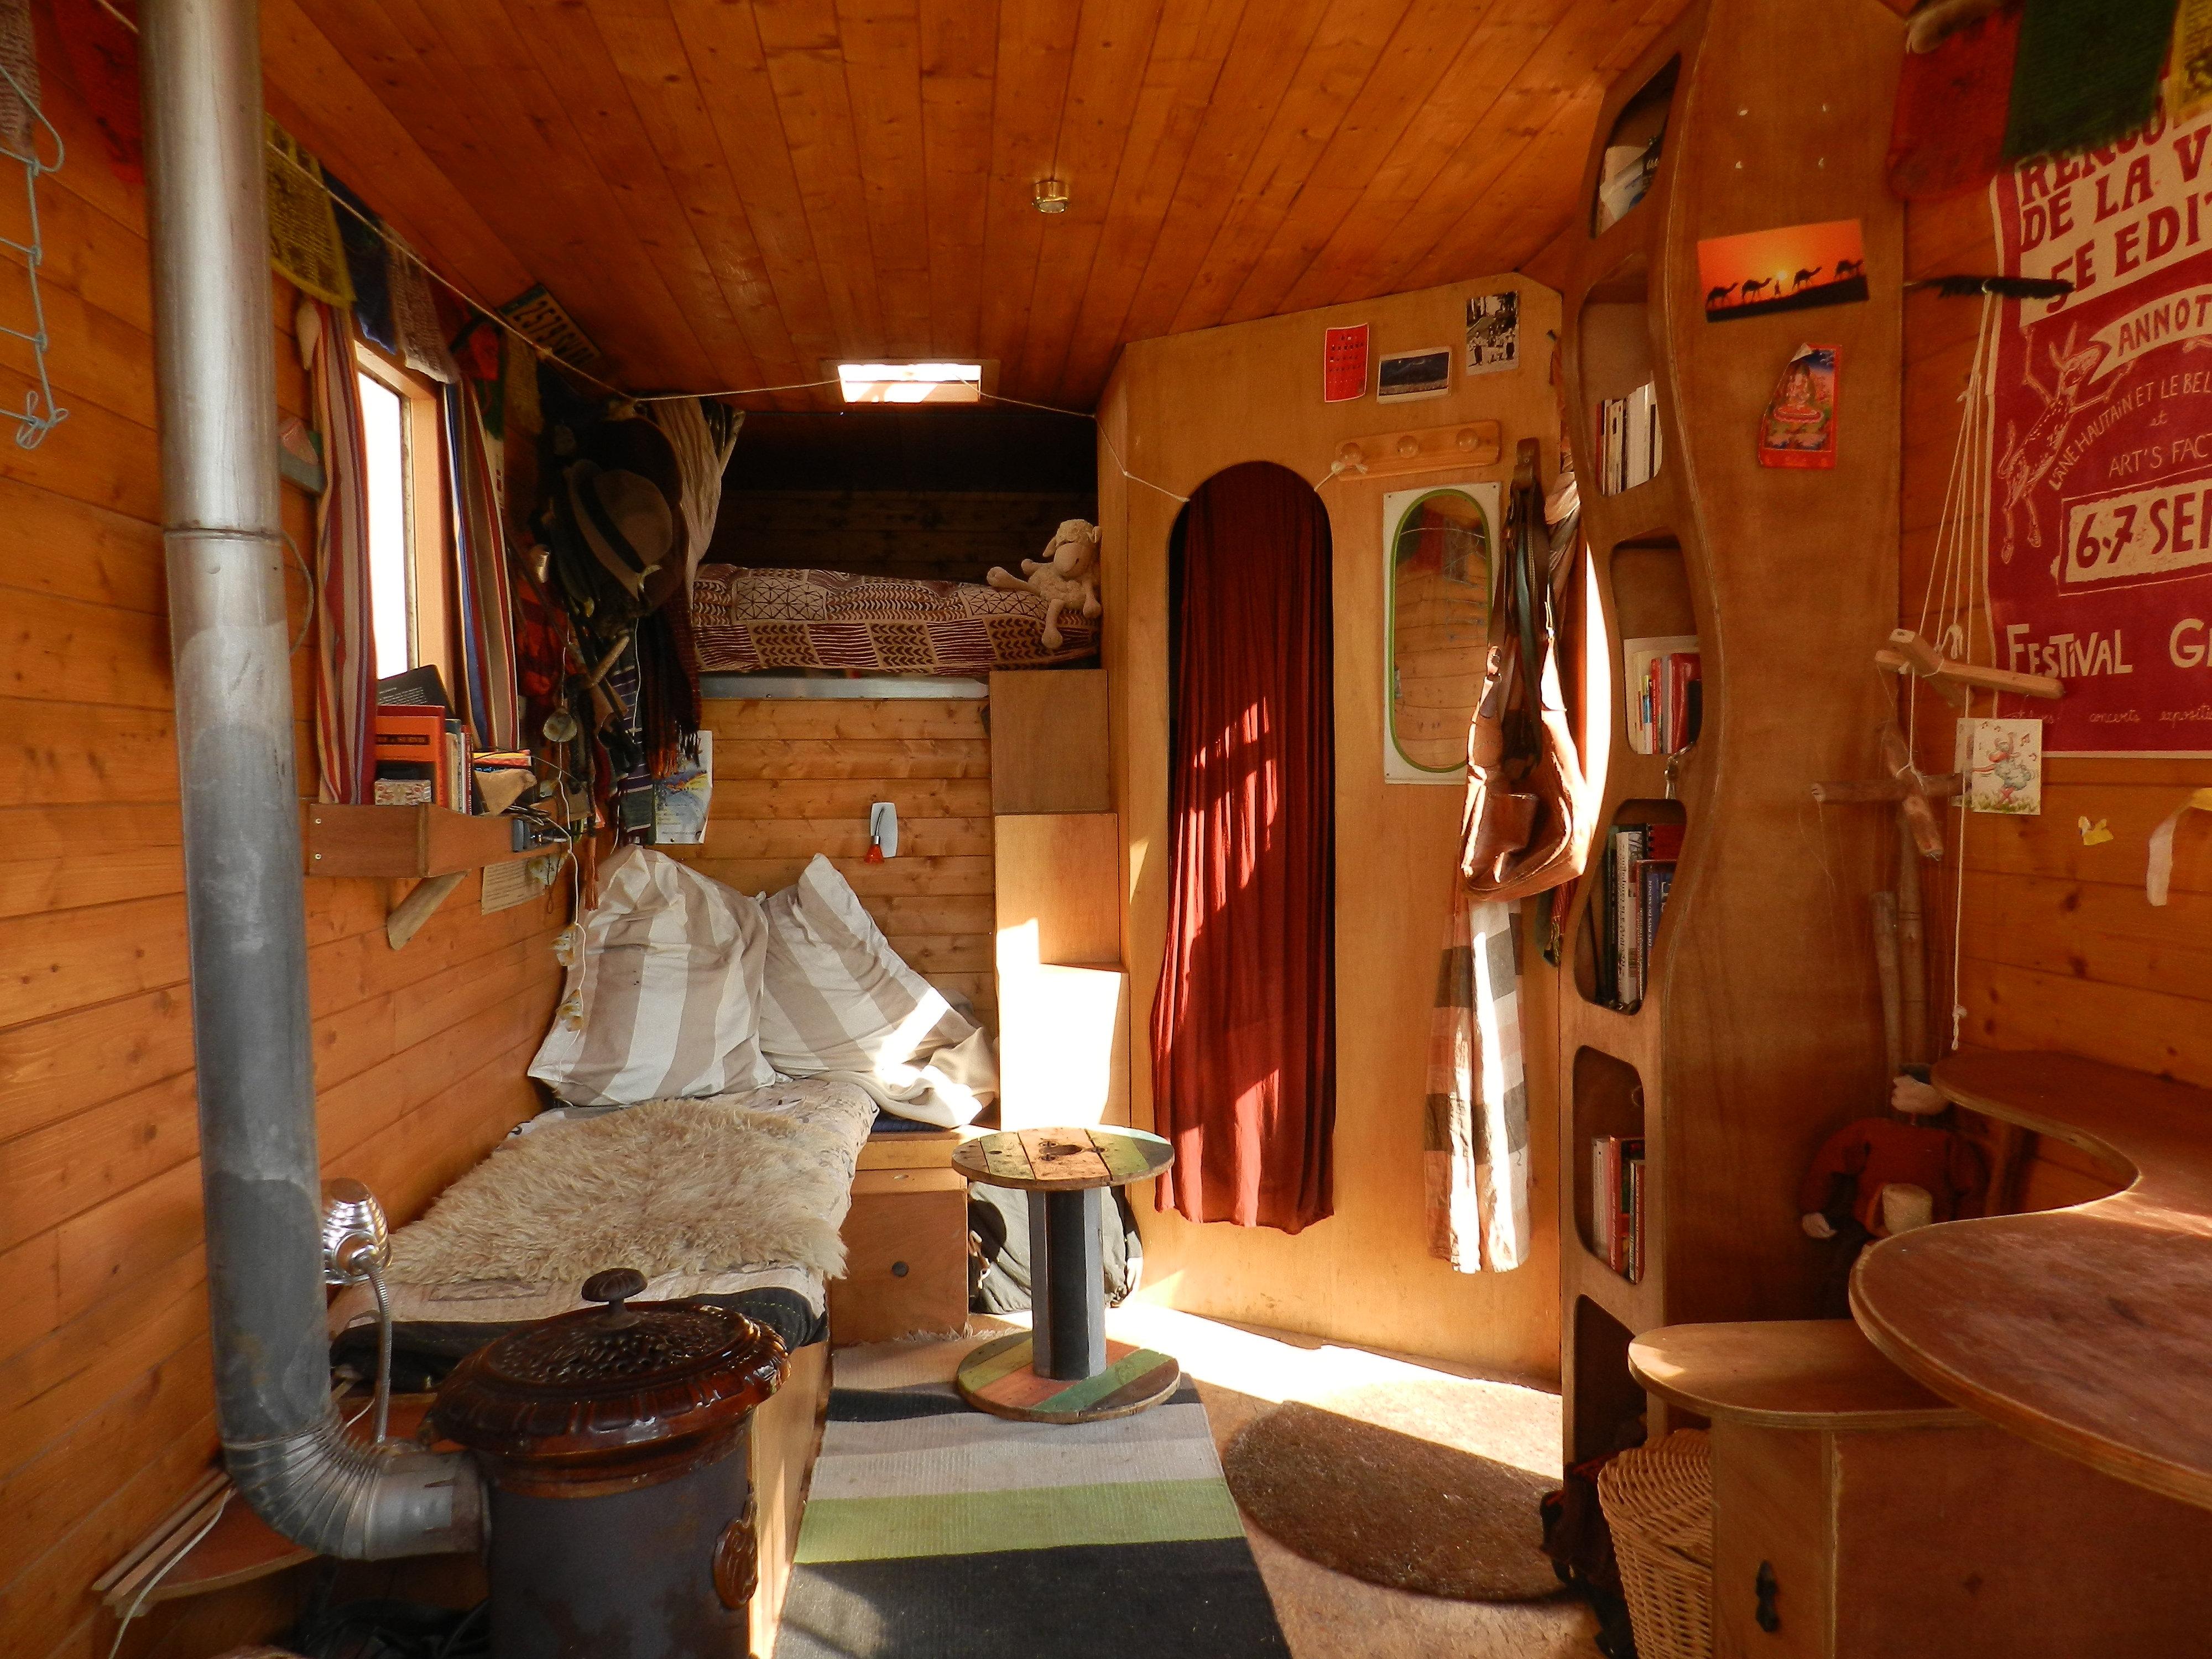 fabrique atypique am nagement de v hicule construction de roulotte am nagement de camion. Black Bedroom Furniture Sets. Home Design Ideas